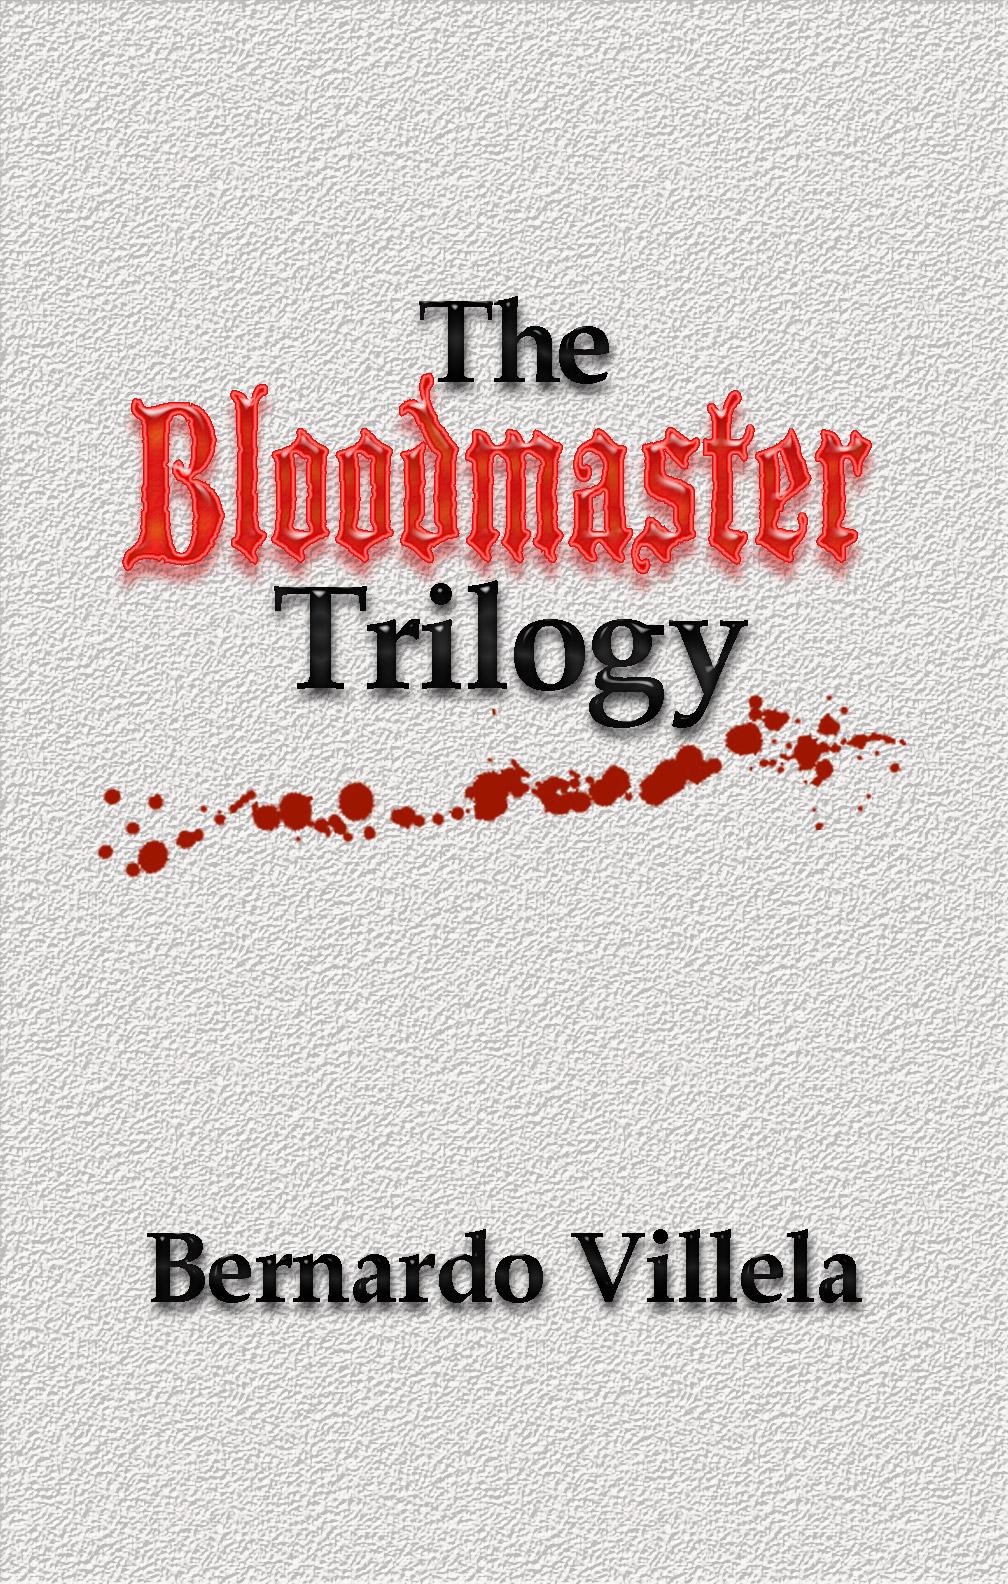 Bloodmaster (David Rosenthal)